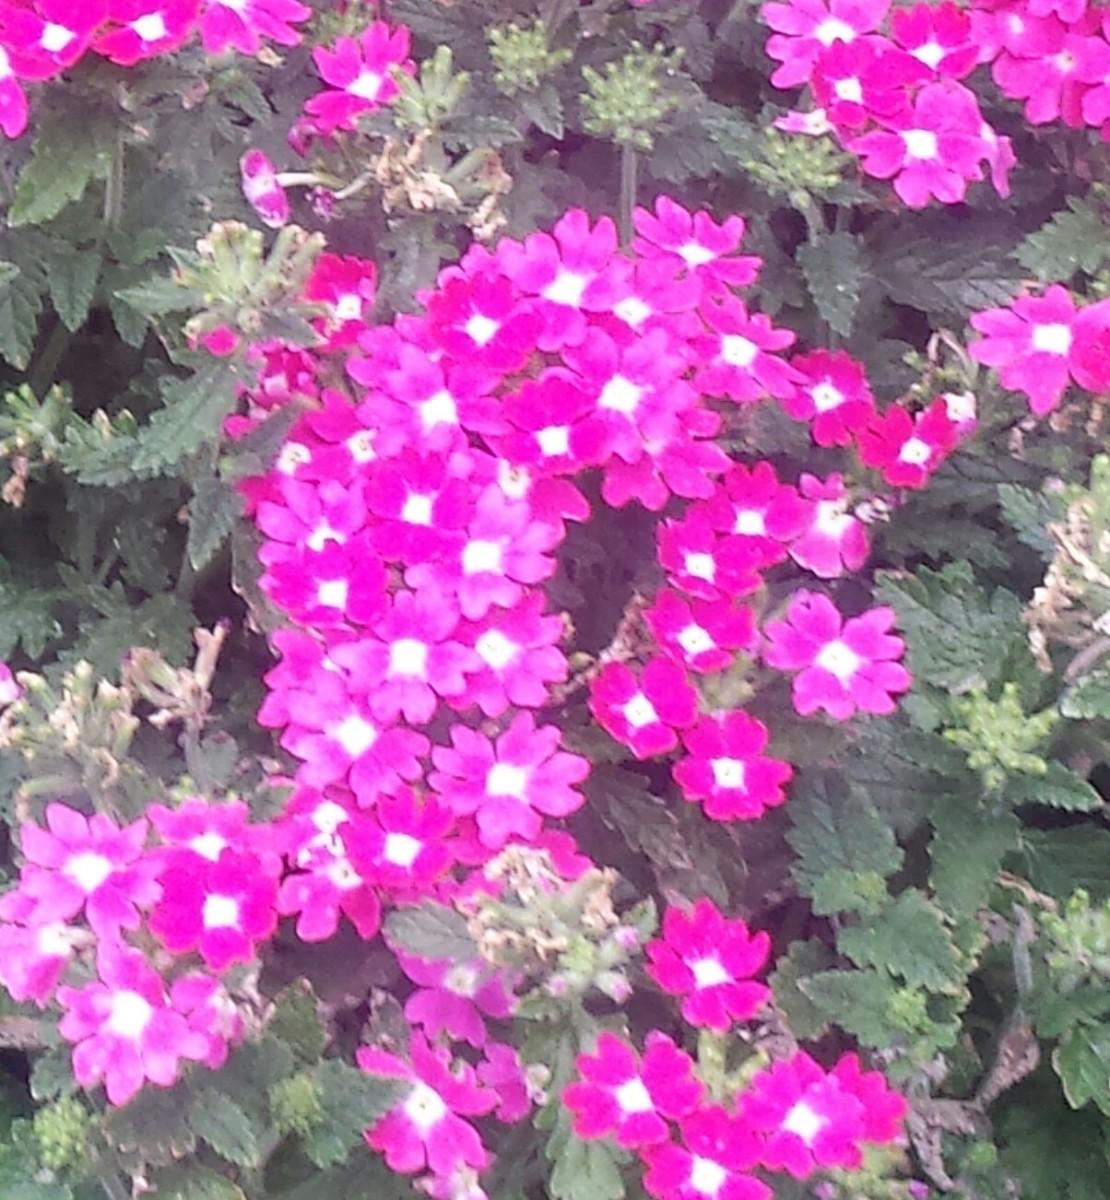 A lovely fragranced flower